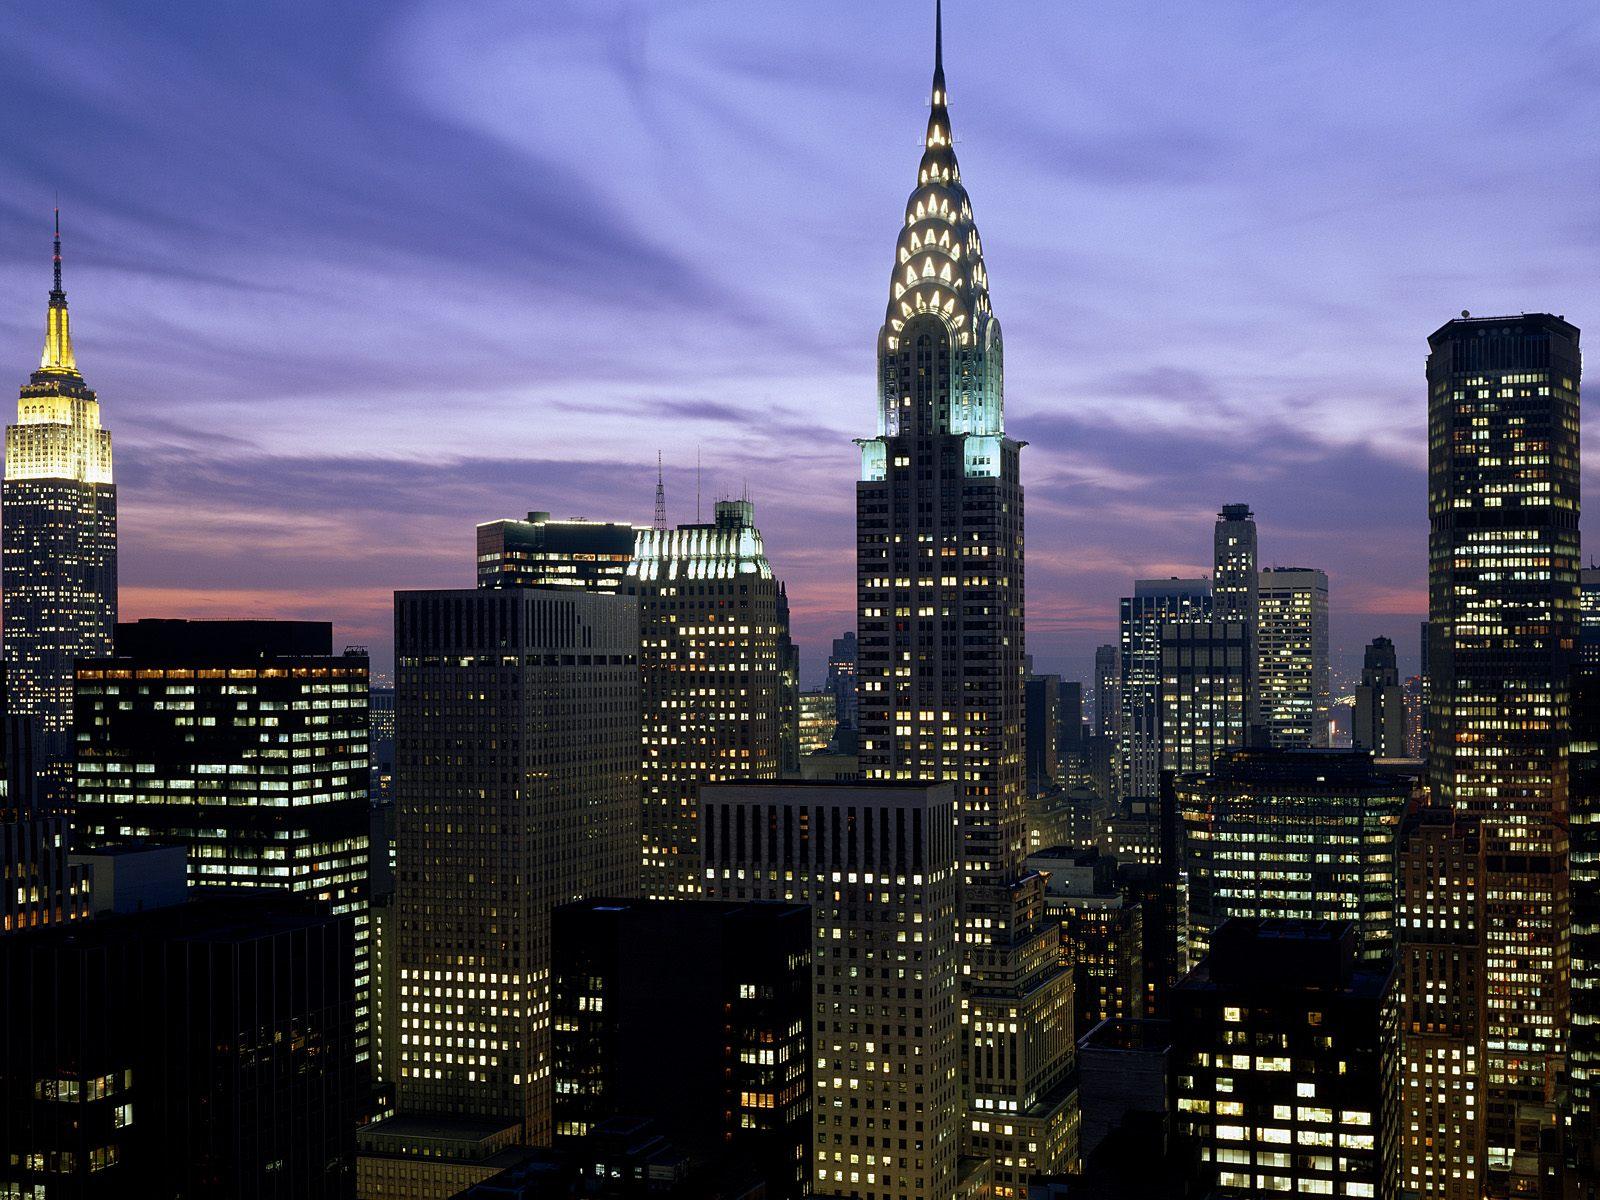 Vue de New York, une fin d'année sous le signe de l'incertitude et des anxiétés